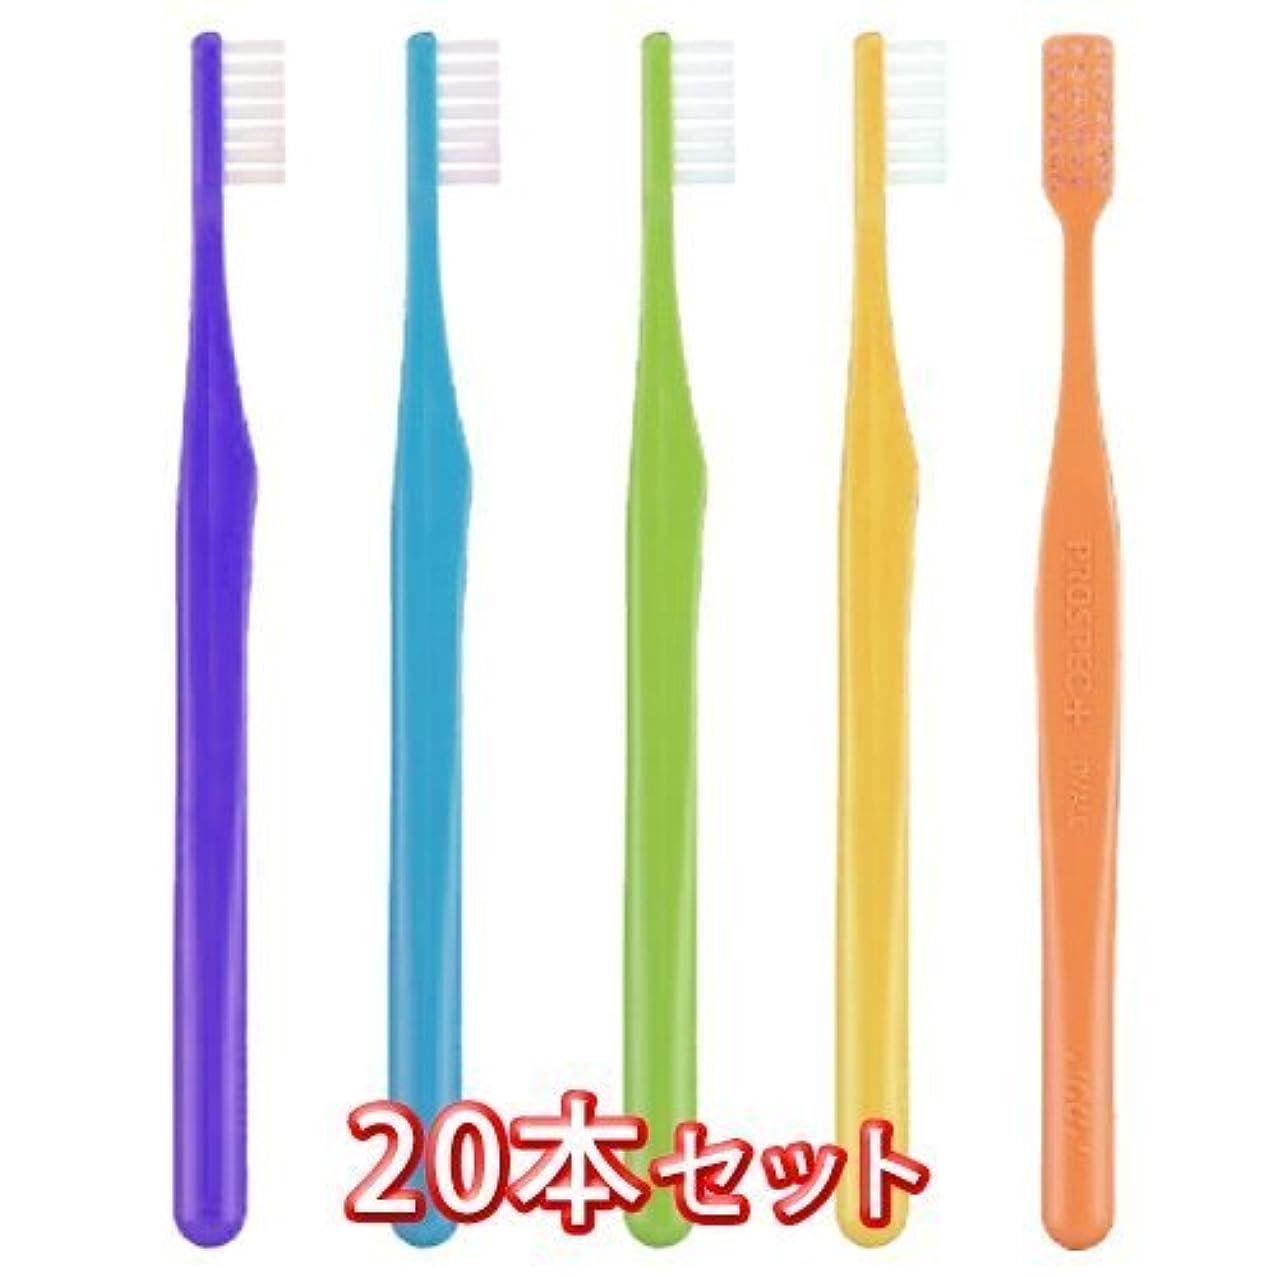 プロスペック プラス 歯ブラシ 20本入 スモール